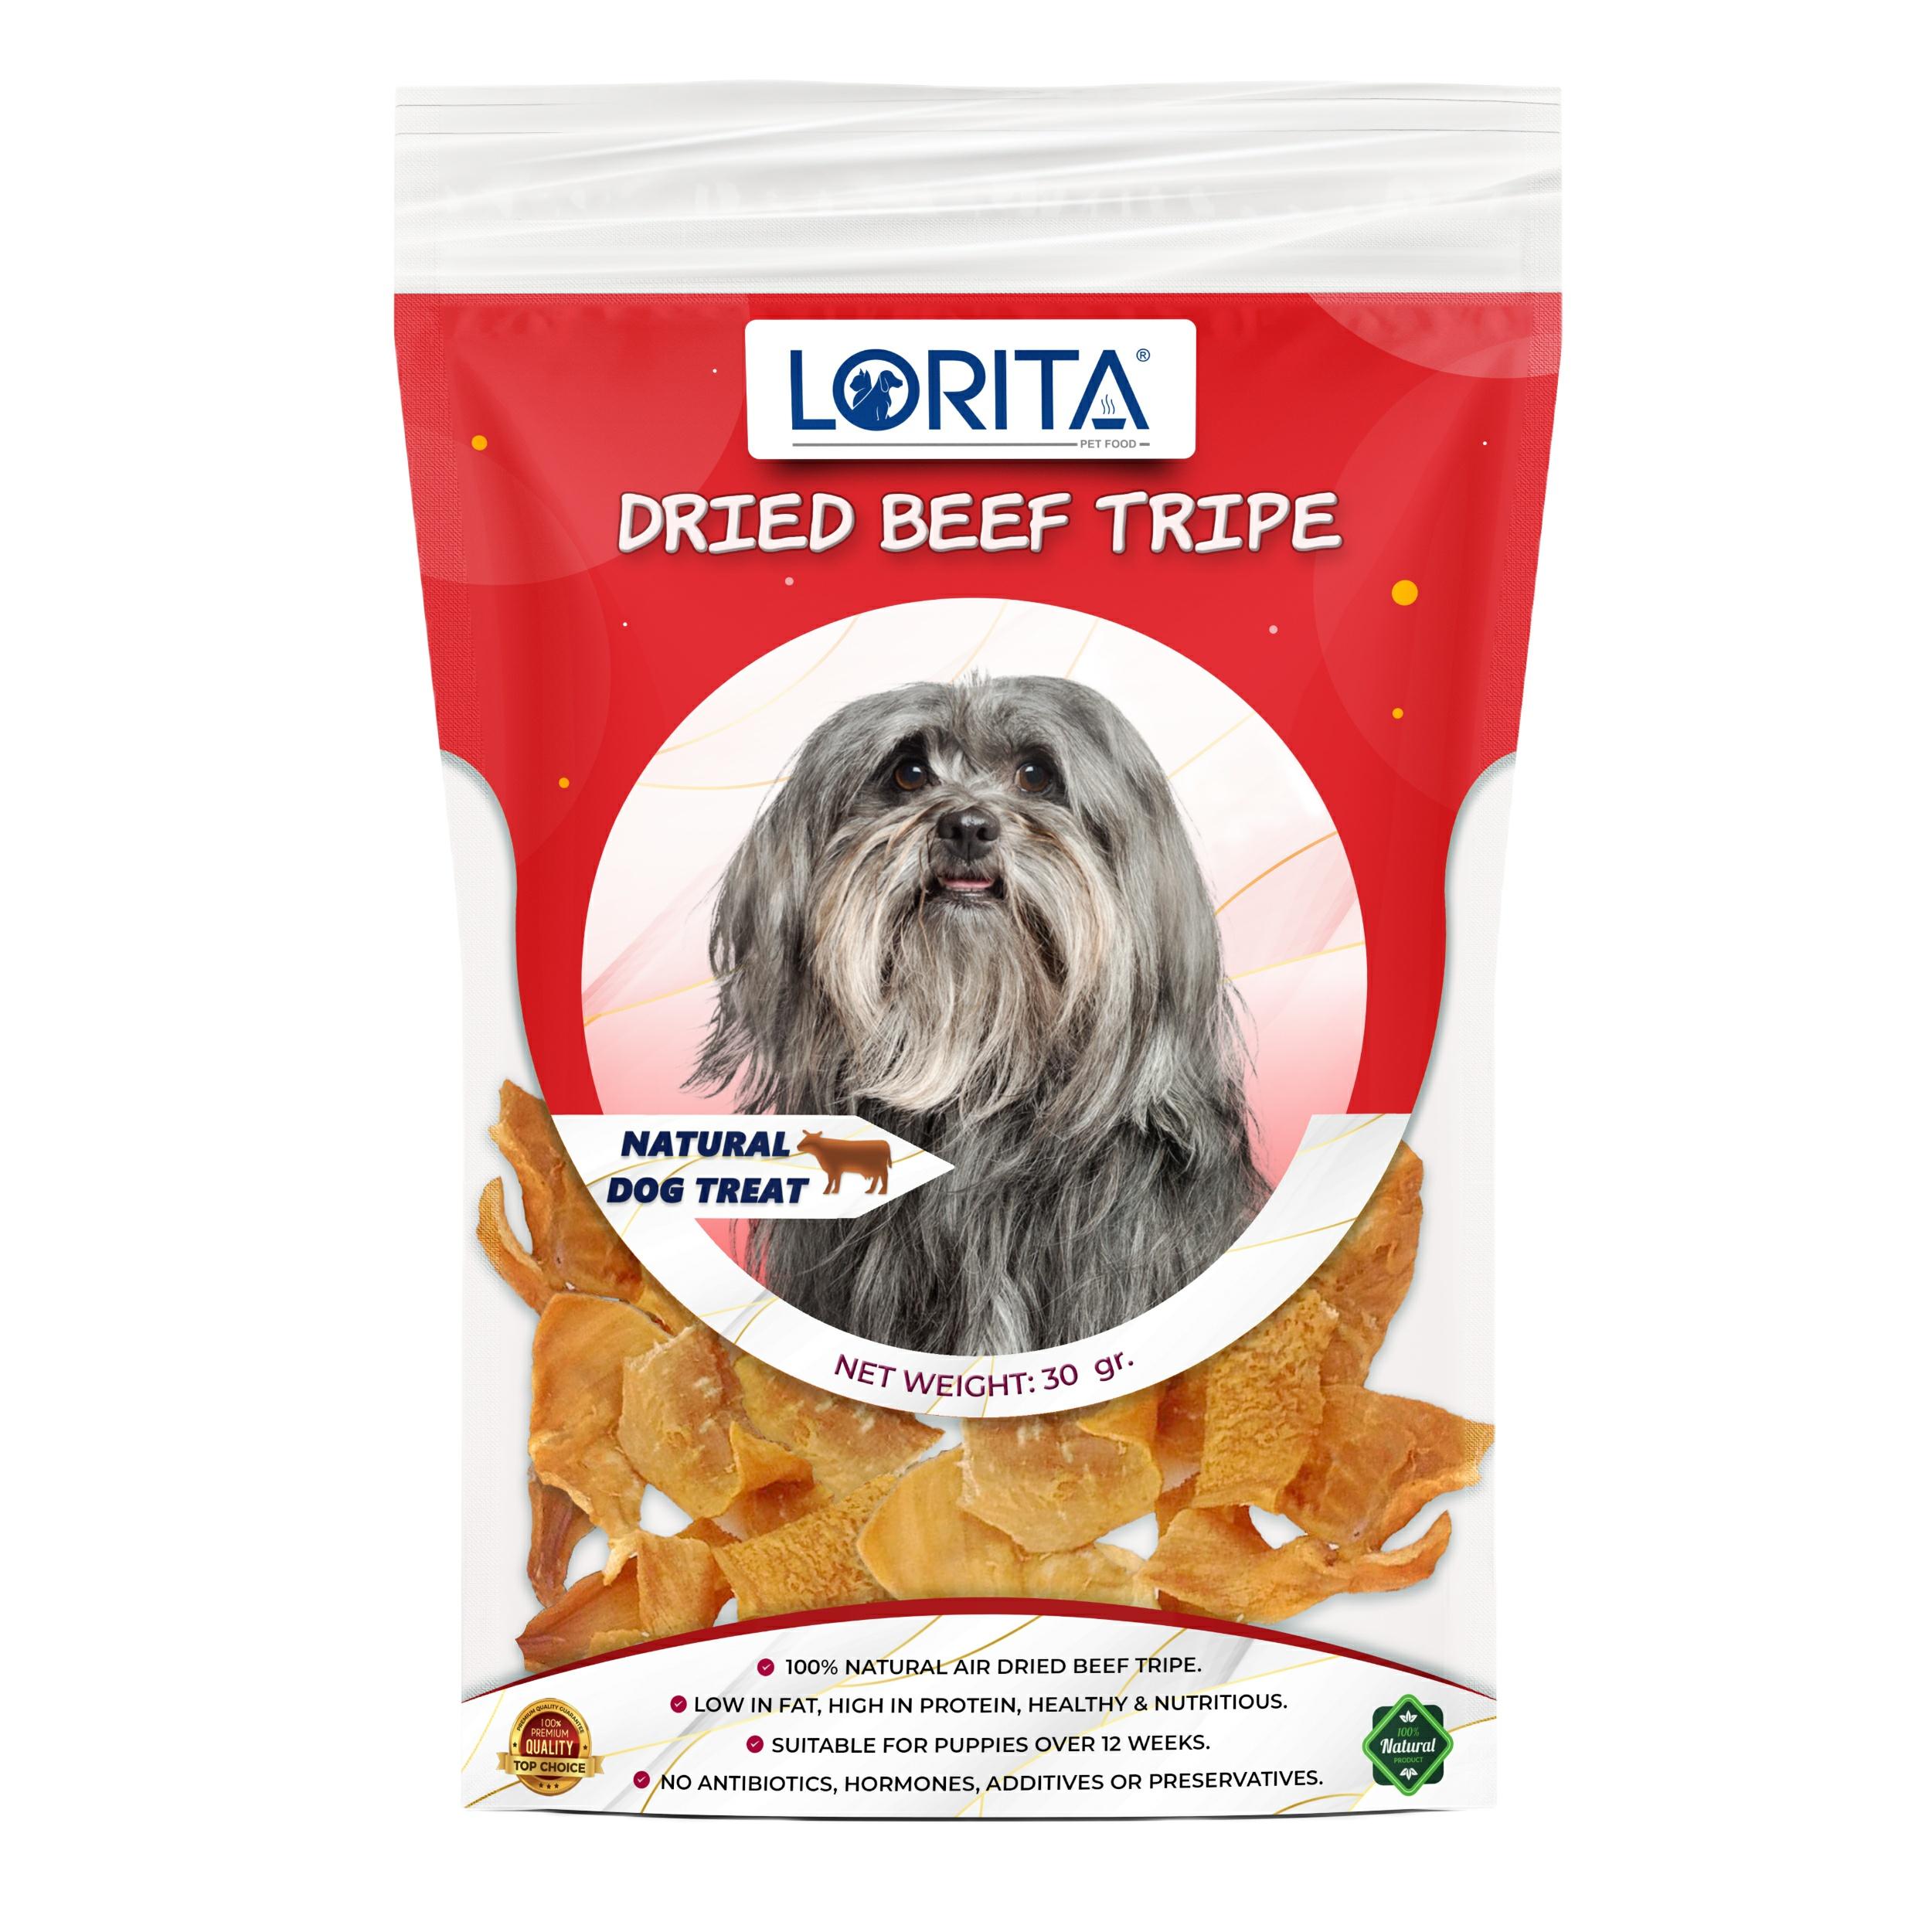 غذای تشویقی سگ لوریتا مدل DRIED BEEF TRIPE وزن 30 گرم